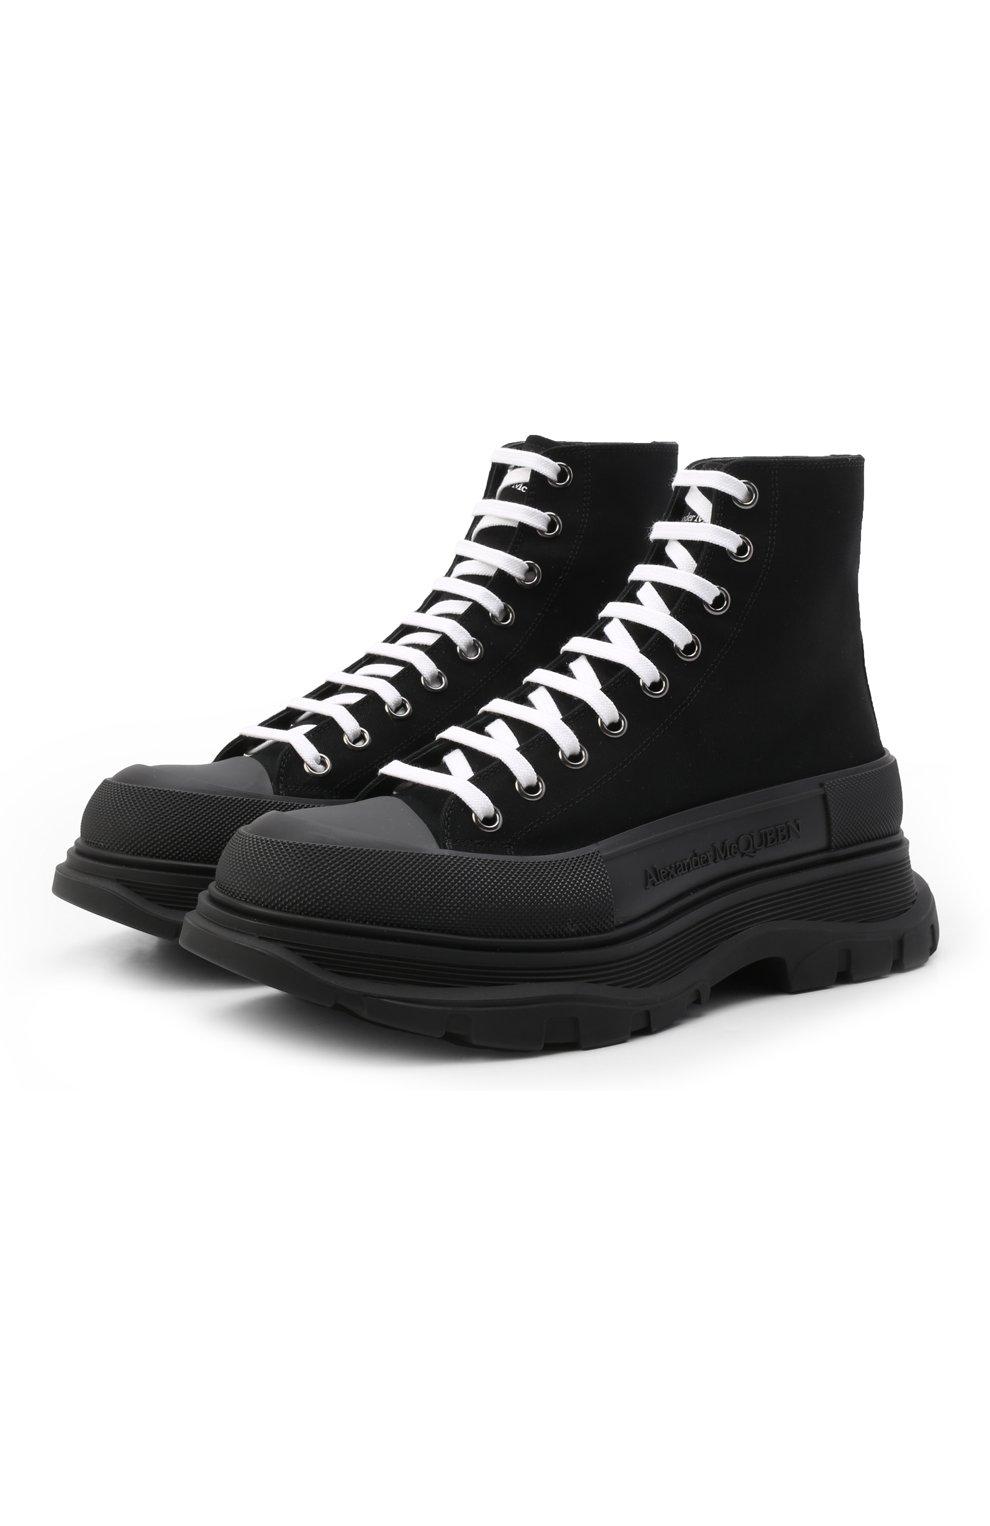 Текстильные ботинки Tread Slick   Фото №1